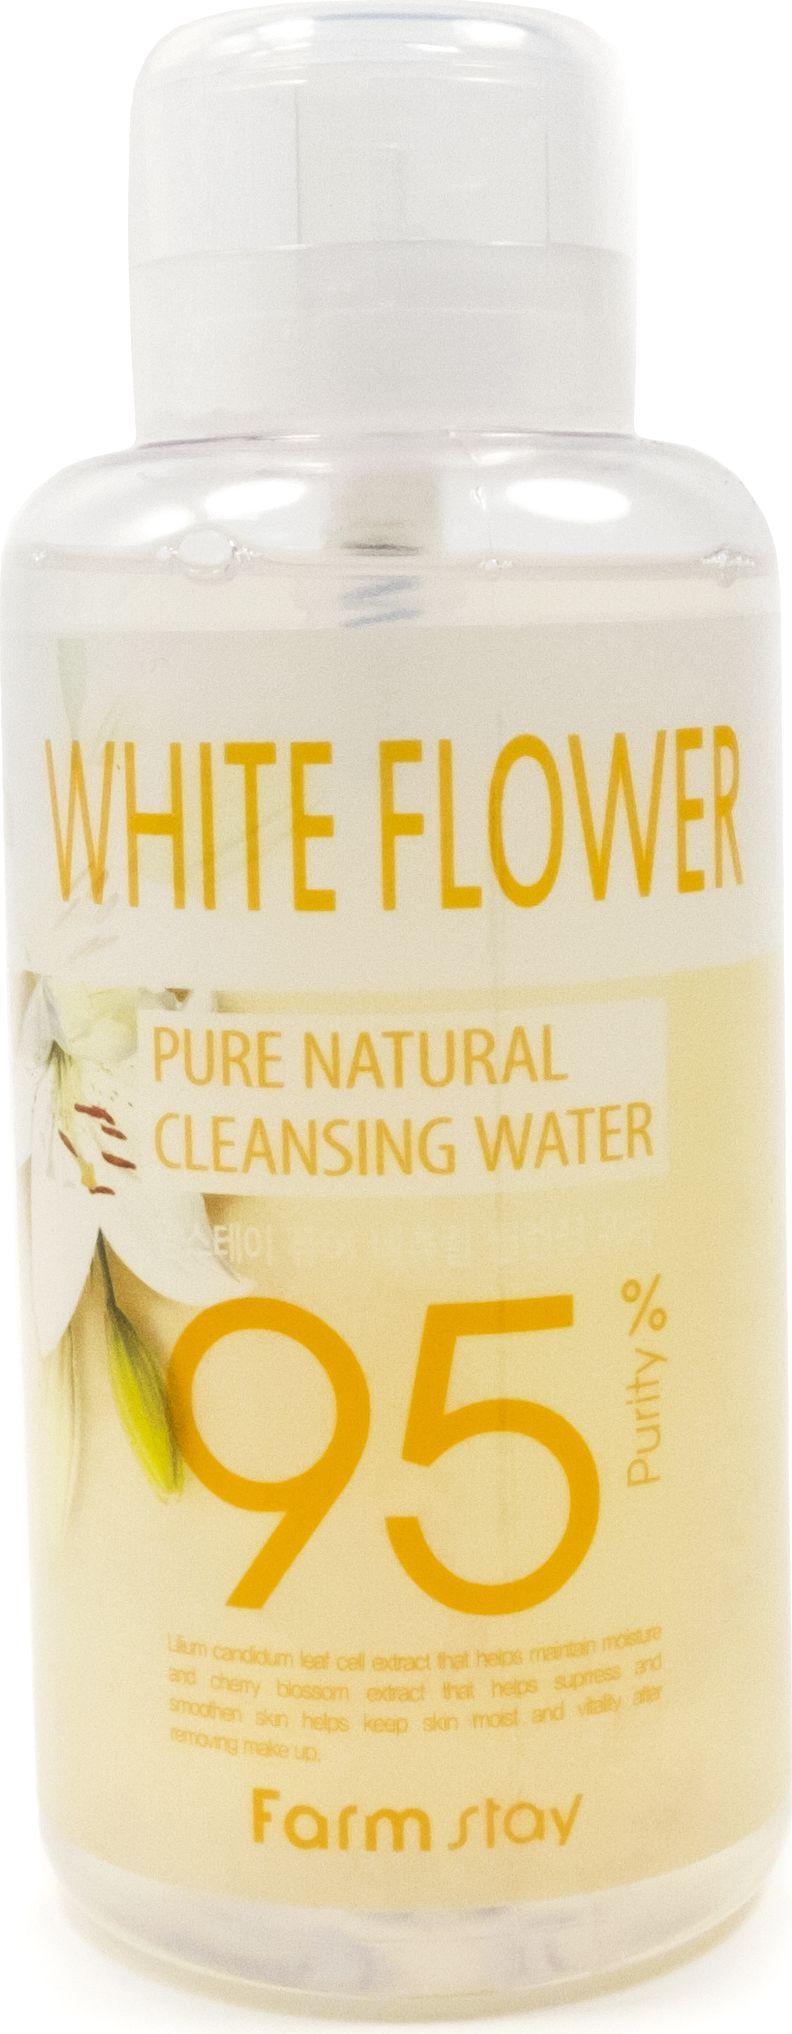 FarmStay Очищающая вода с экстрактом белых цветов, 500 мл480993Специальная очищающая вода для кожи лица. Очищает от макияжа и загрязнений, освежает кожу и подготавливает ее к нанесению средств ухода. Бережно растворяет макияж, не травмируя и не раздражая кожу. Экстракт белых цветов выравнивает общий тон кожи, предотвращает появление морщинок, успокоит чувствительную и разраженную кожу. Удобный формат флакона с помповым дозатором. Подходит для всех типов кожи. Позволяет смыть макияж без остатка даже в самых неудобных условиях, когда нет воды под рукой.